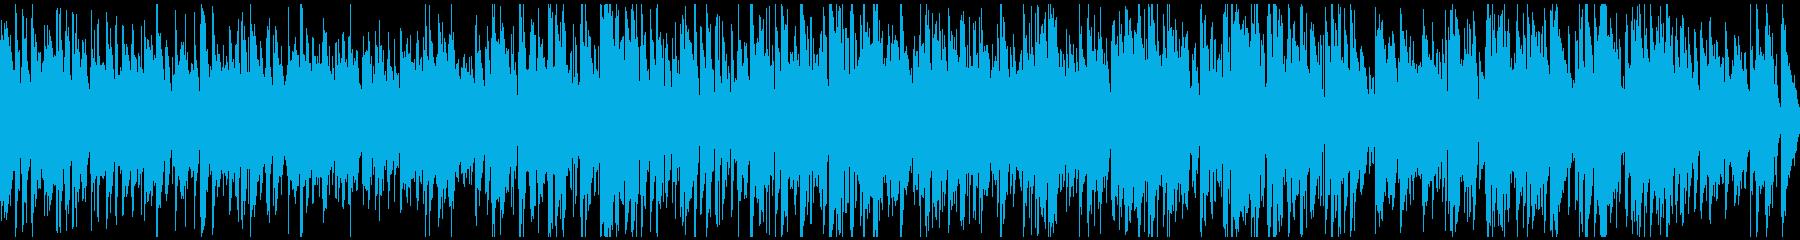 明るいお洒落サックス軽快ジャズ※ループ版の再生済みの波形